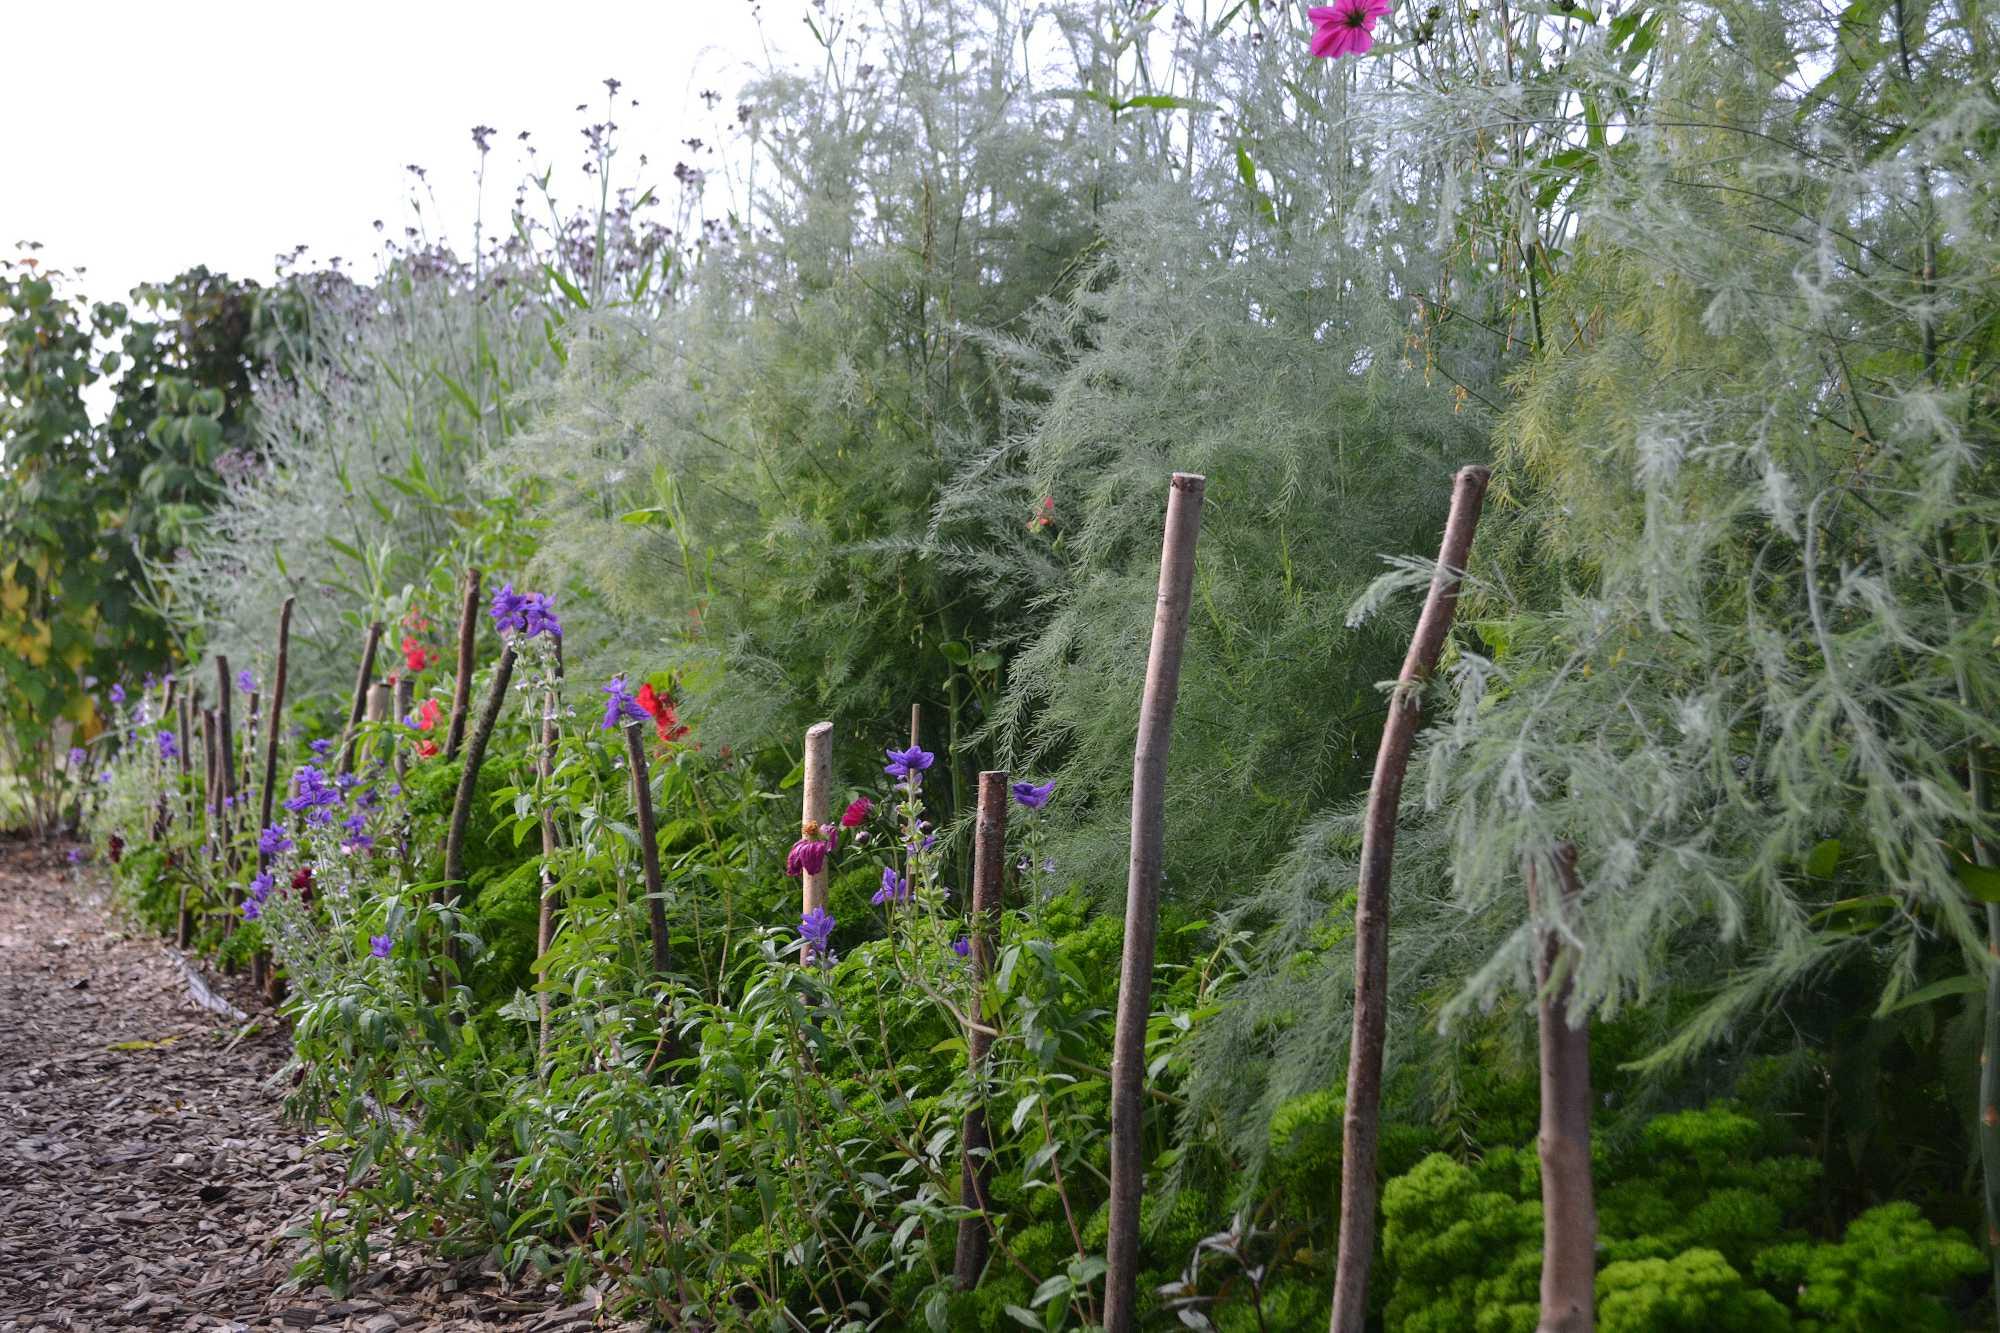 En frodig grön plantering med färgklickar från sommarblommor i.